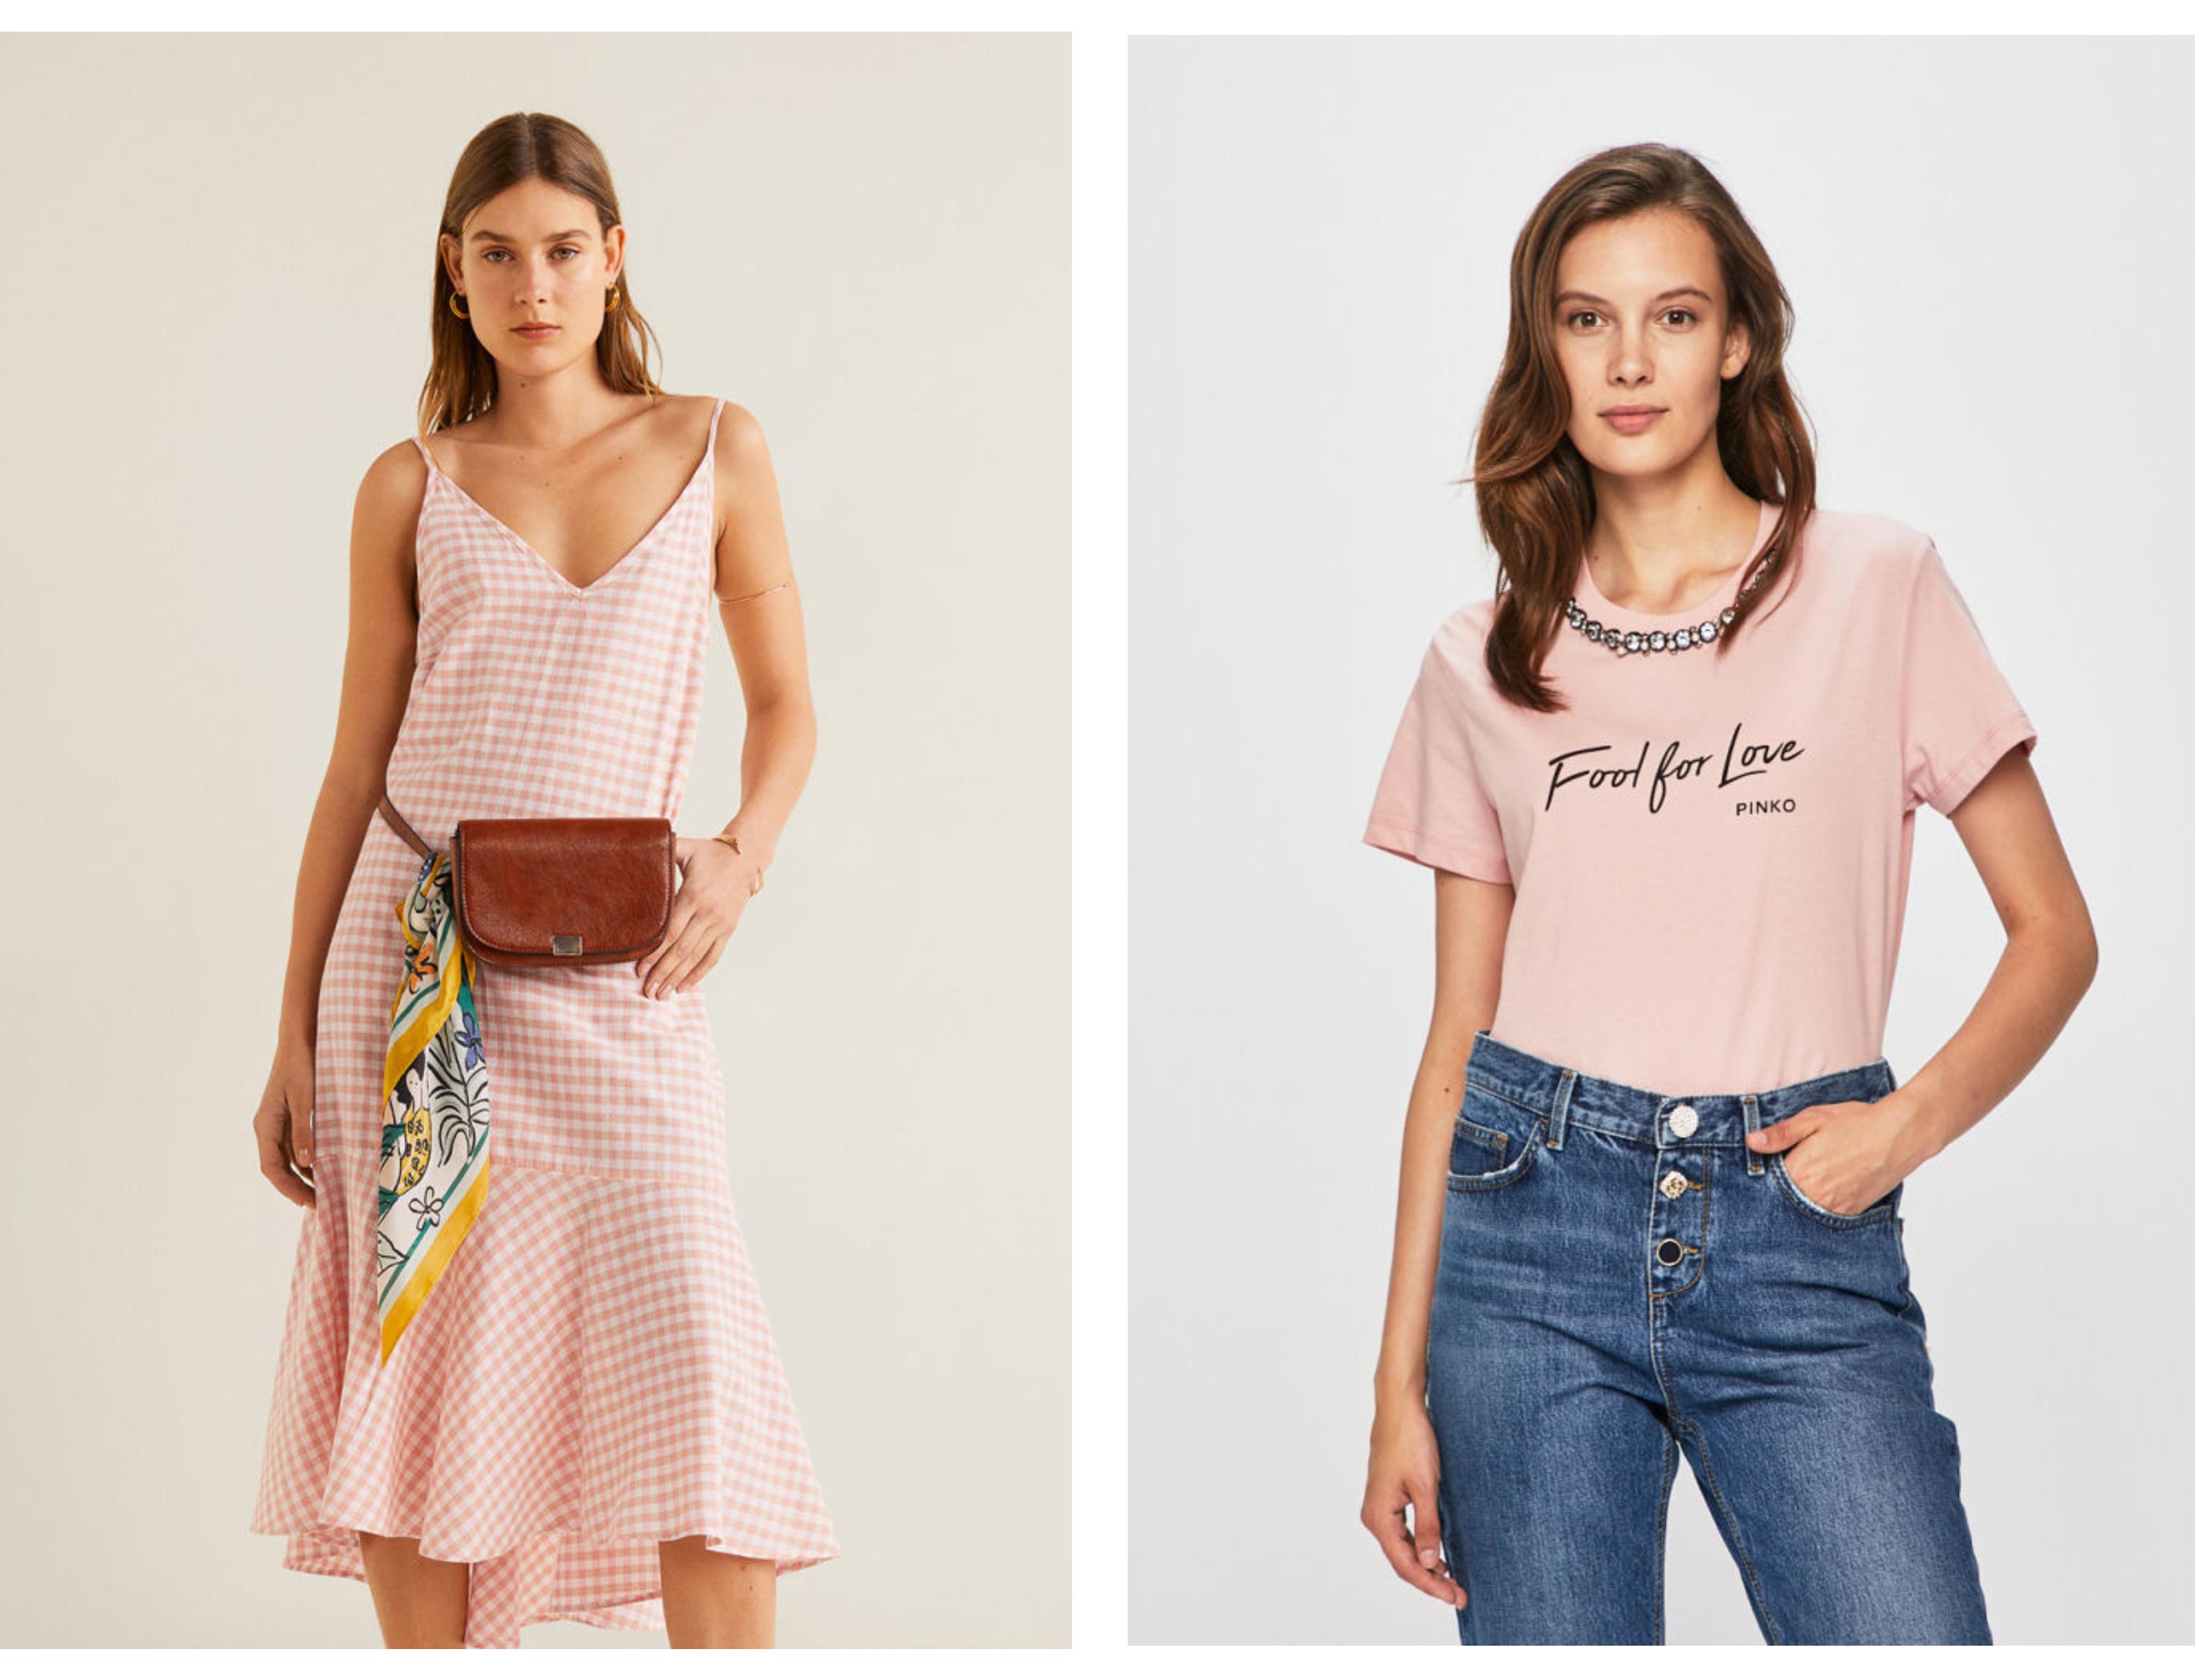 Ružové šaty–VILA, answear.sk _ Ružové tričko–PINKO, answear.sk